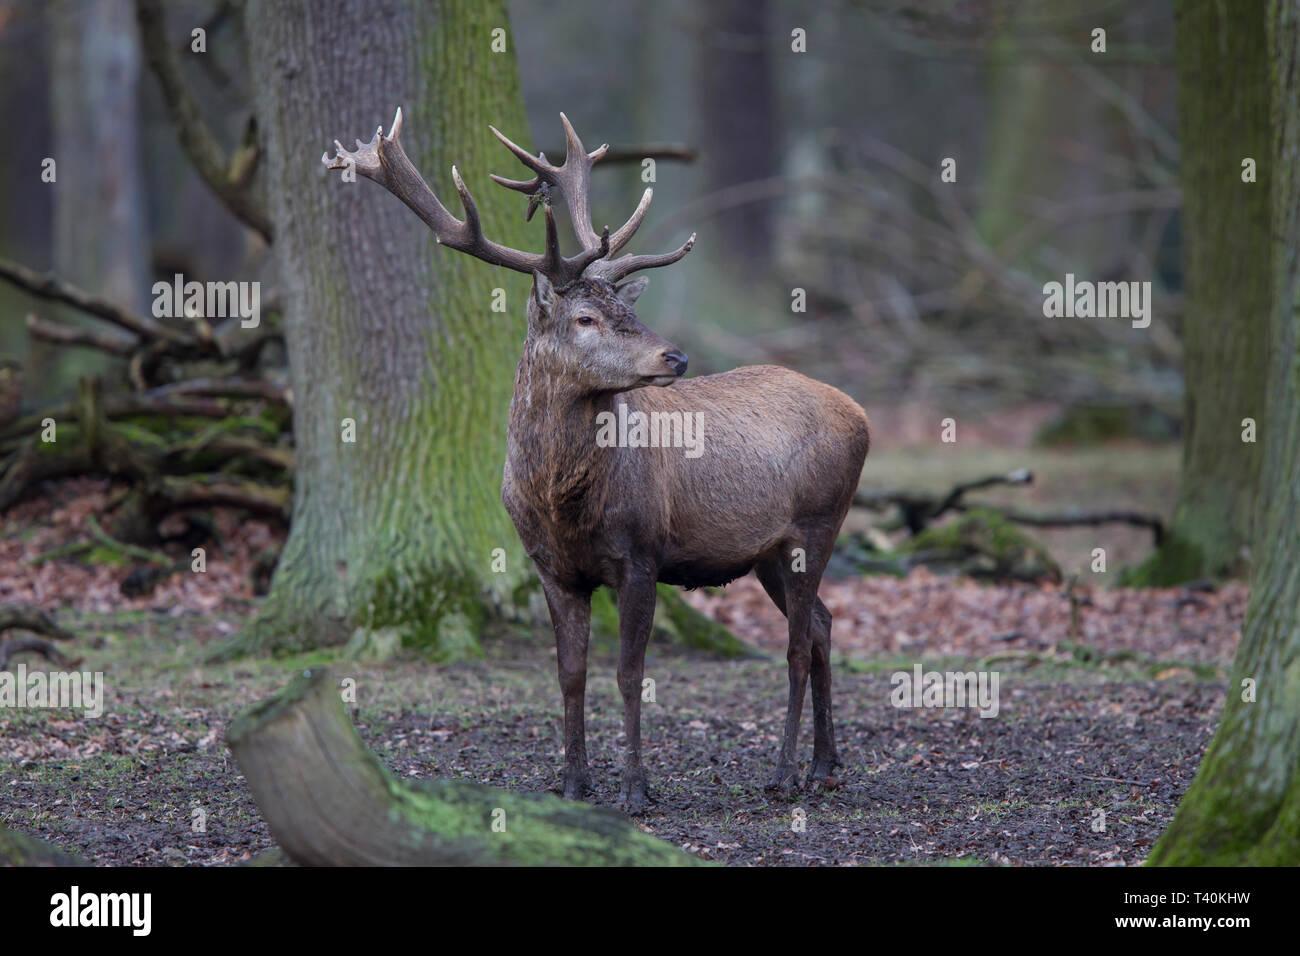 Rothirsch - Maennchen, Cervus elaphus, red deer - male Stock Photo